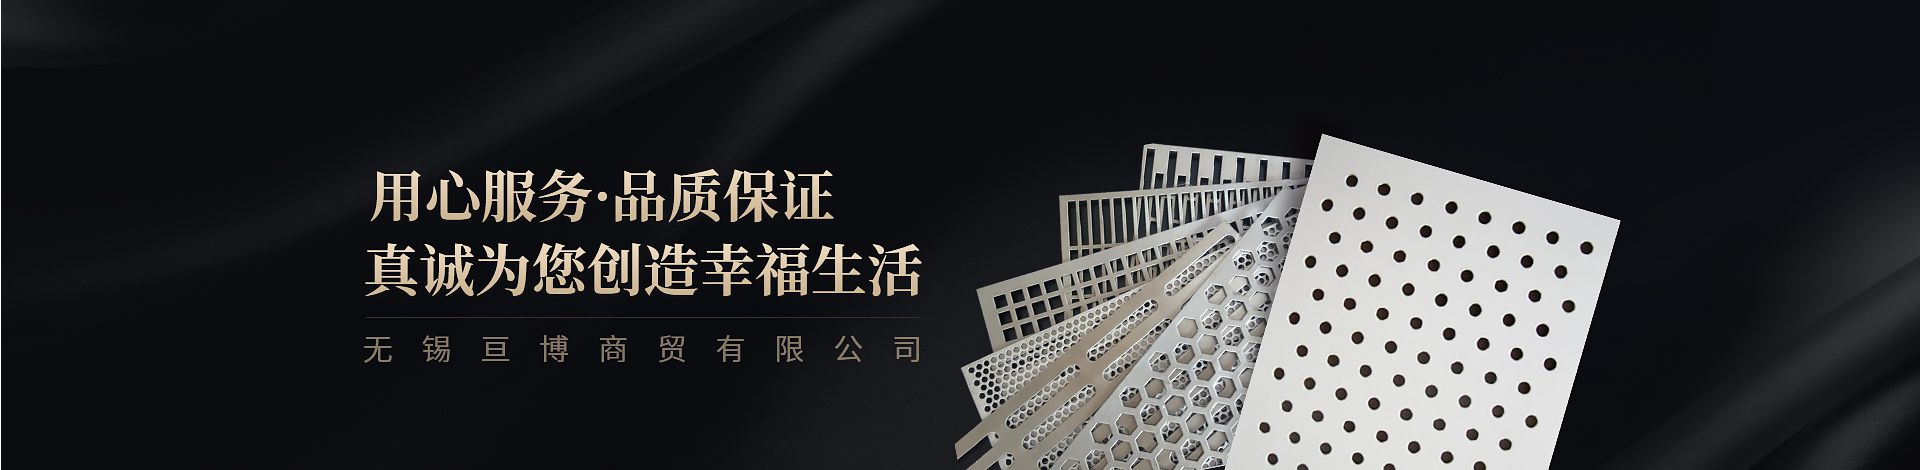 无锡固耐丝特丝网制品有限公司